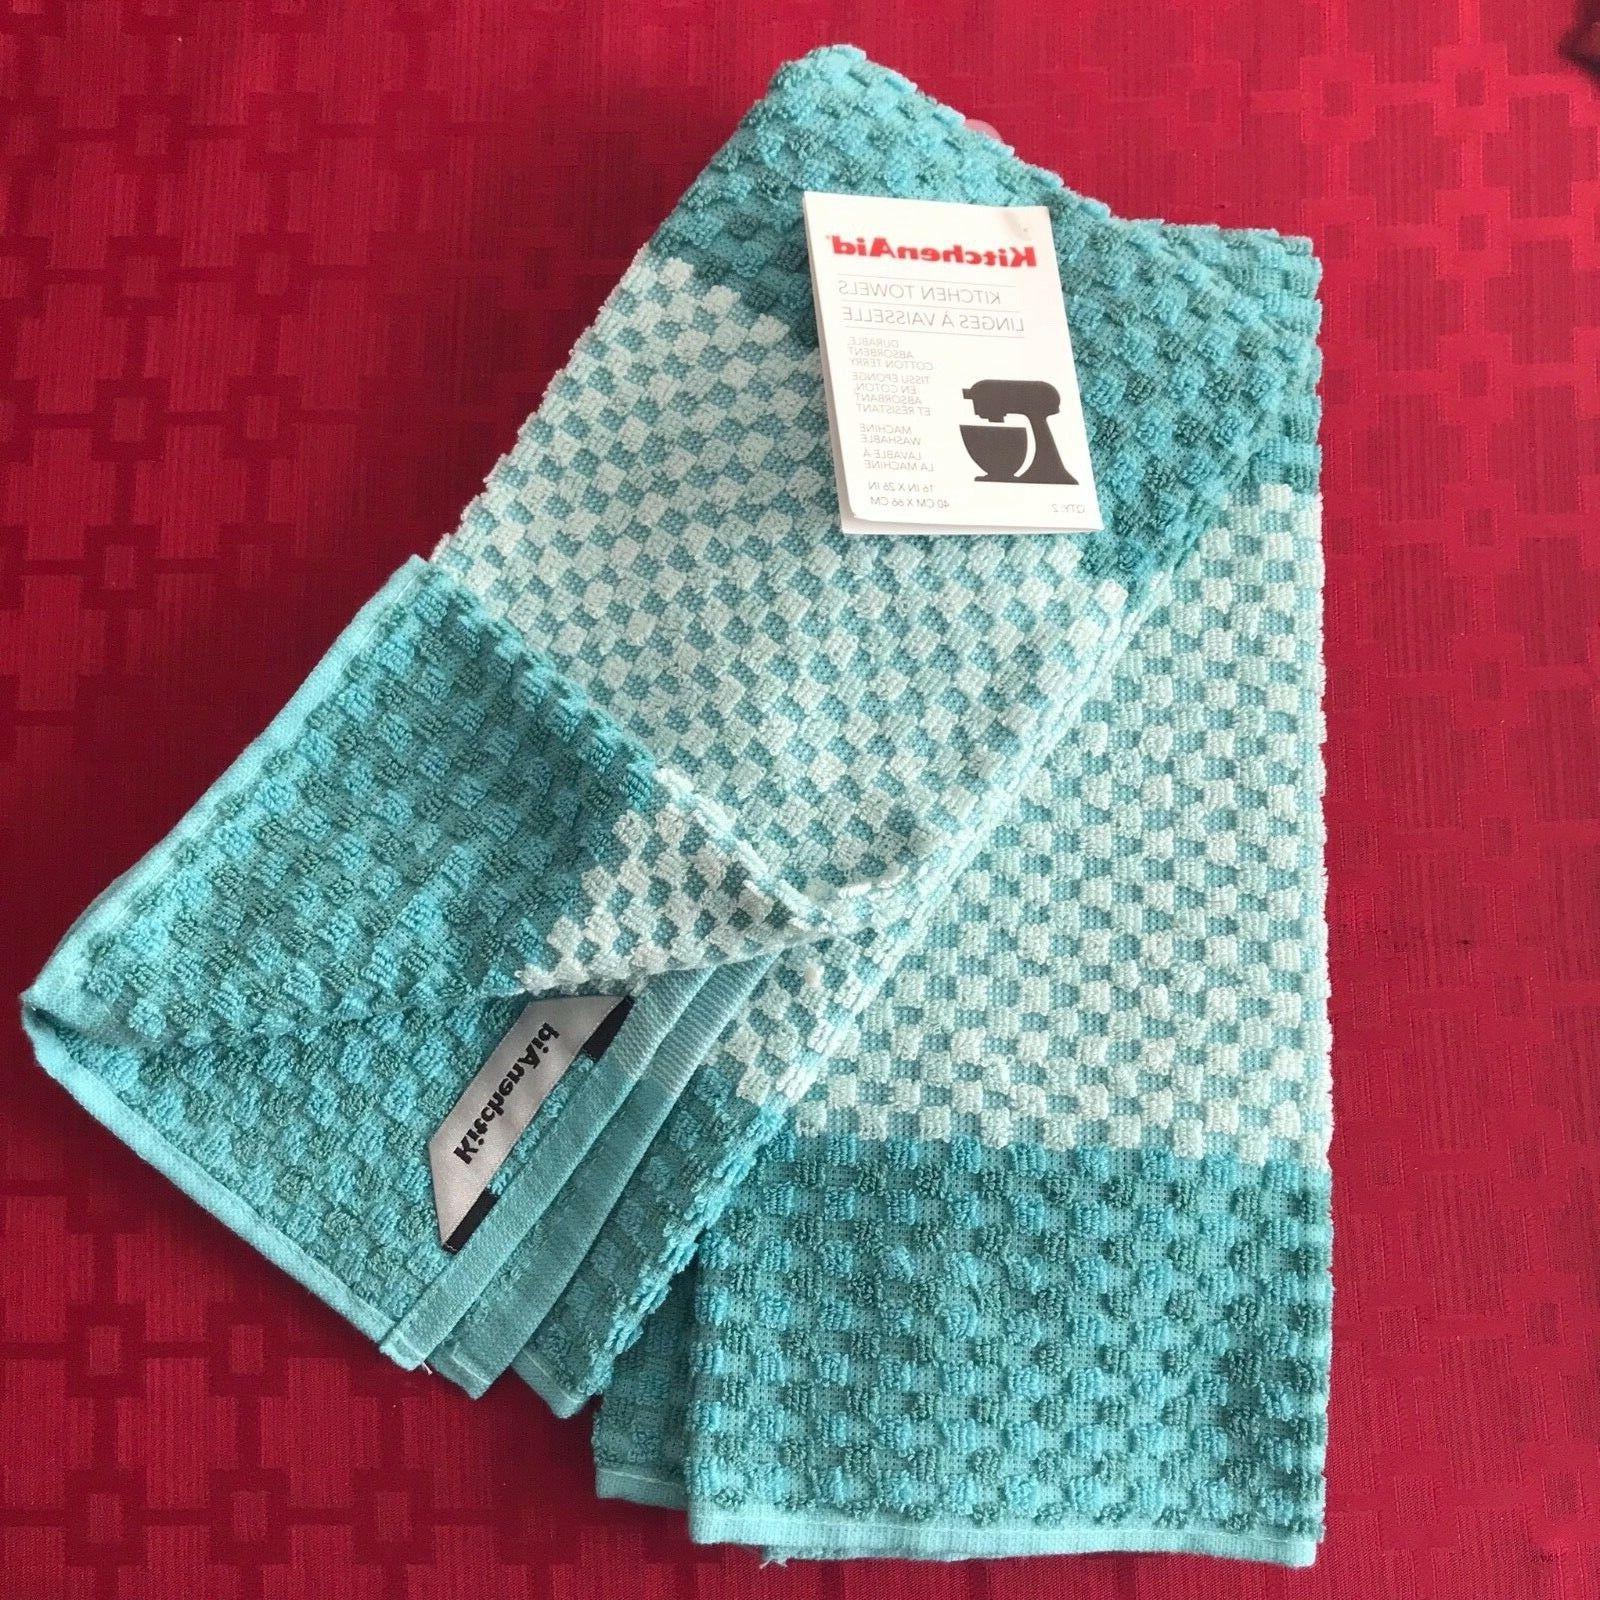 AQUA KitchenAid KITCHEN TOWELS 2 PACK DURABLE ABSORBENT COTT